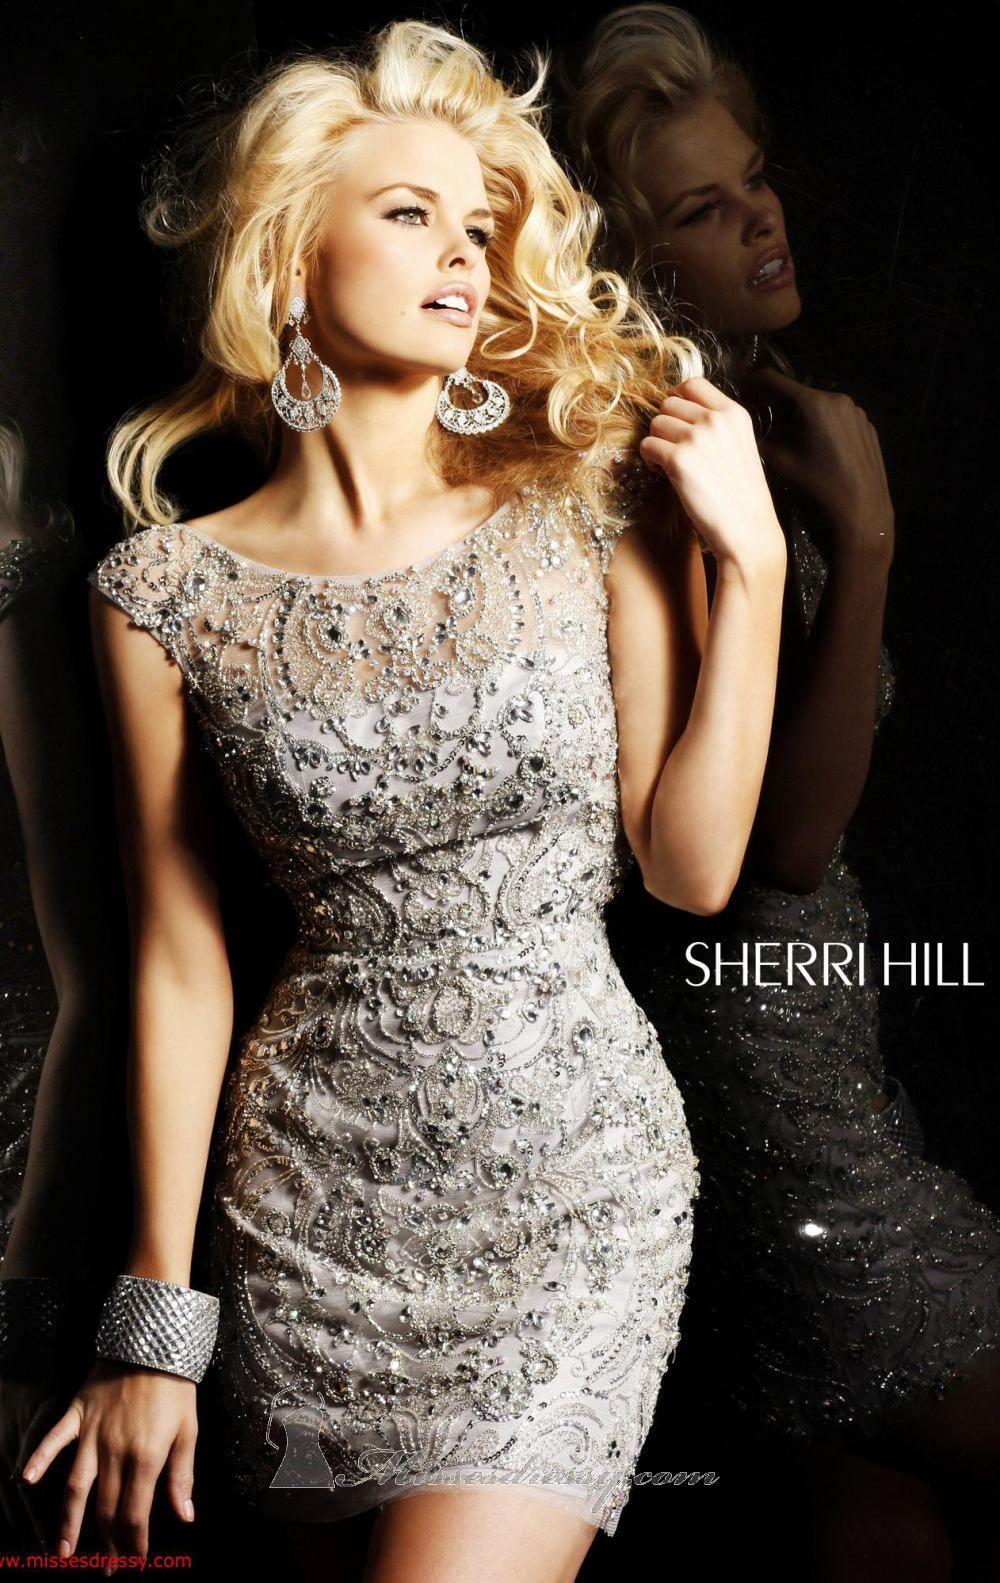 Sherri Hill 2948 Dress - MissesDressy.com | BORDADO E PED VESTIDOS ...